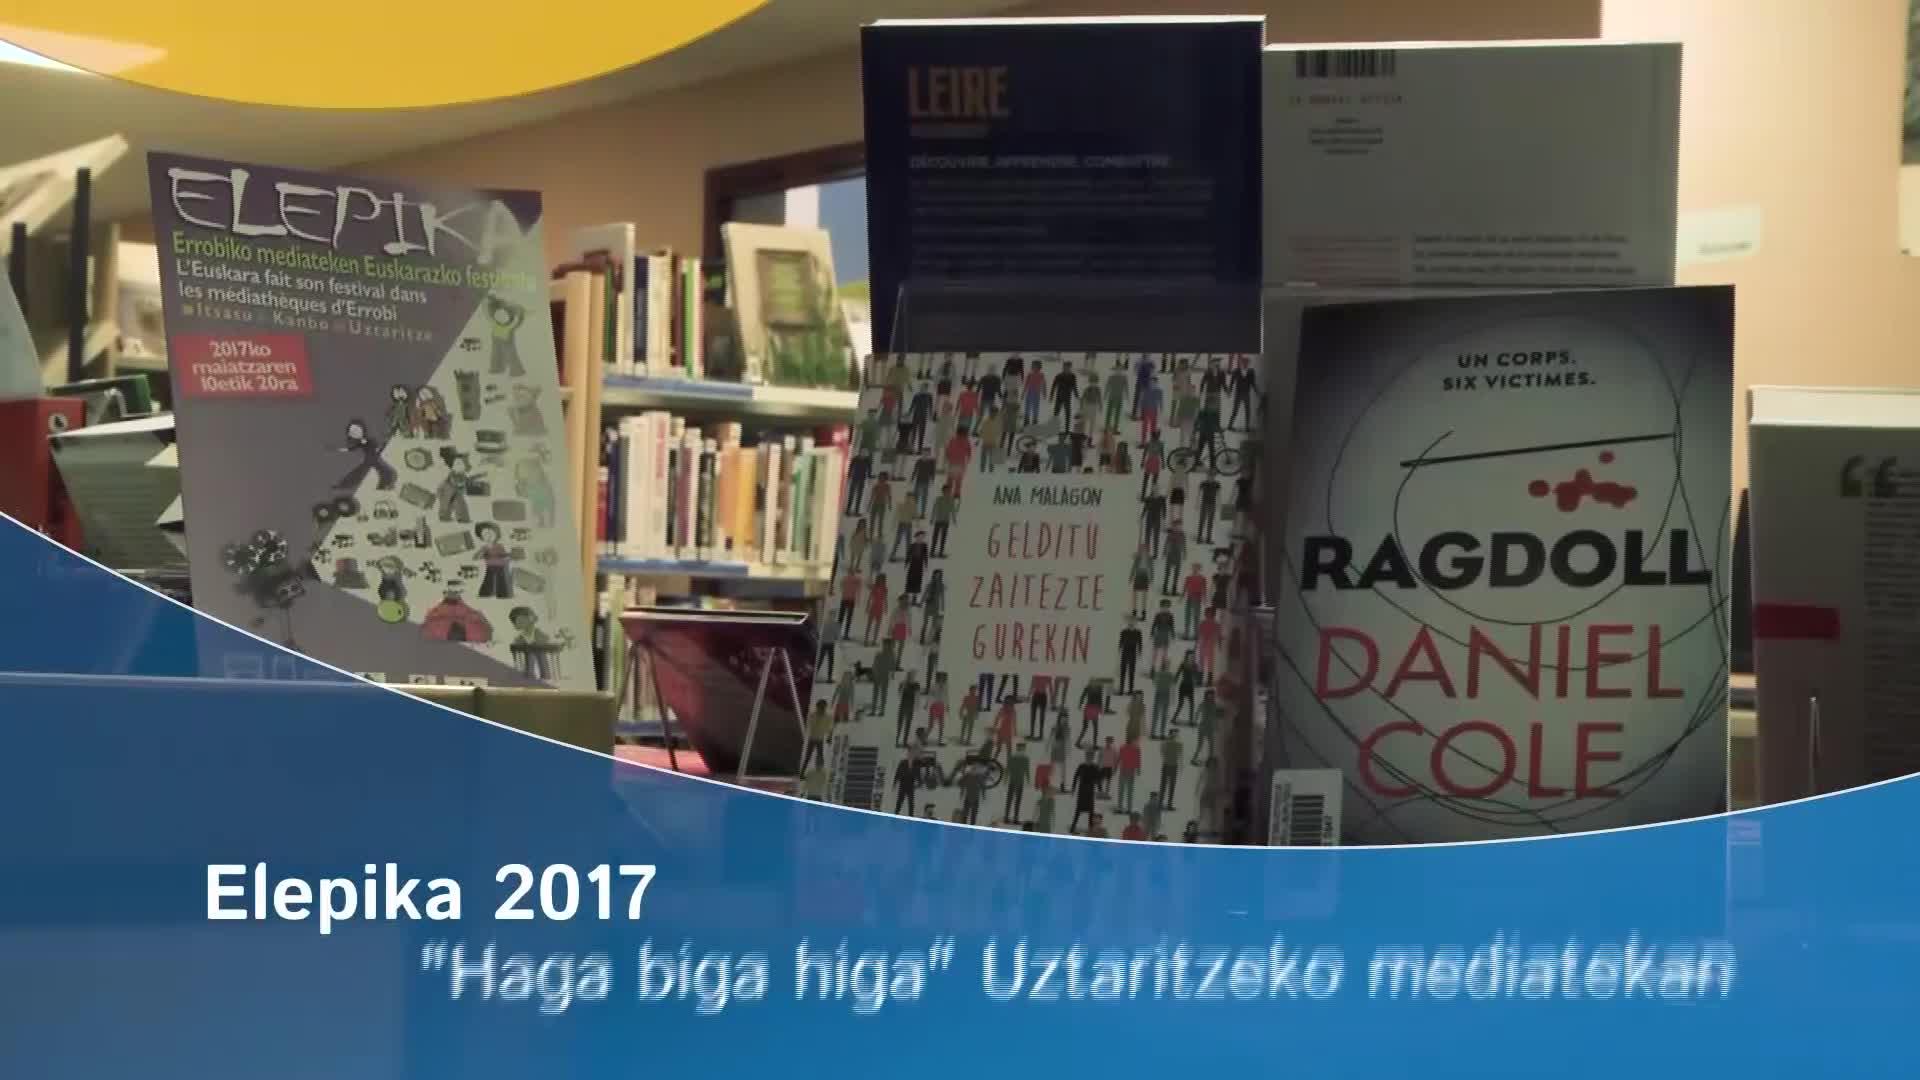 """Elepika 2017: """"Haga biga higa"""" Uztaritzeko mediatekan"""